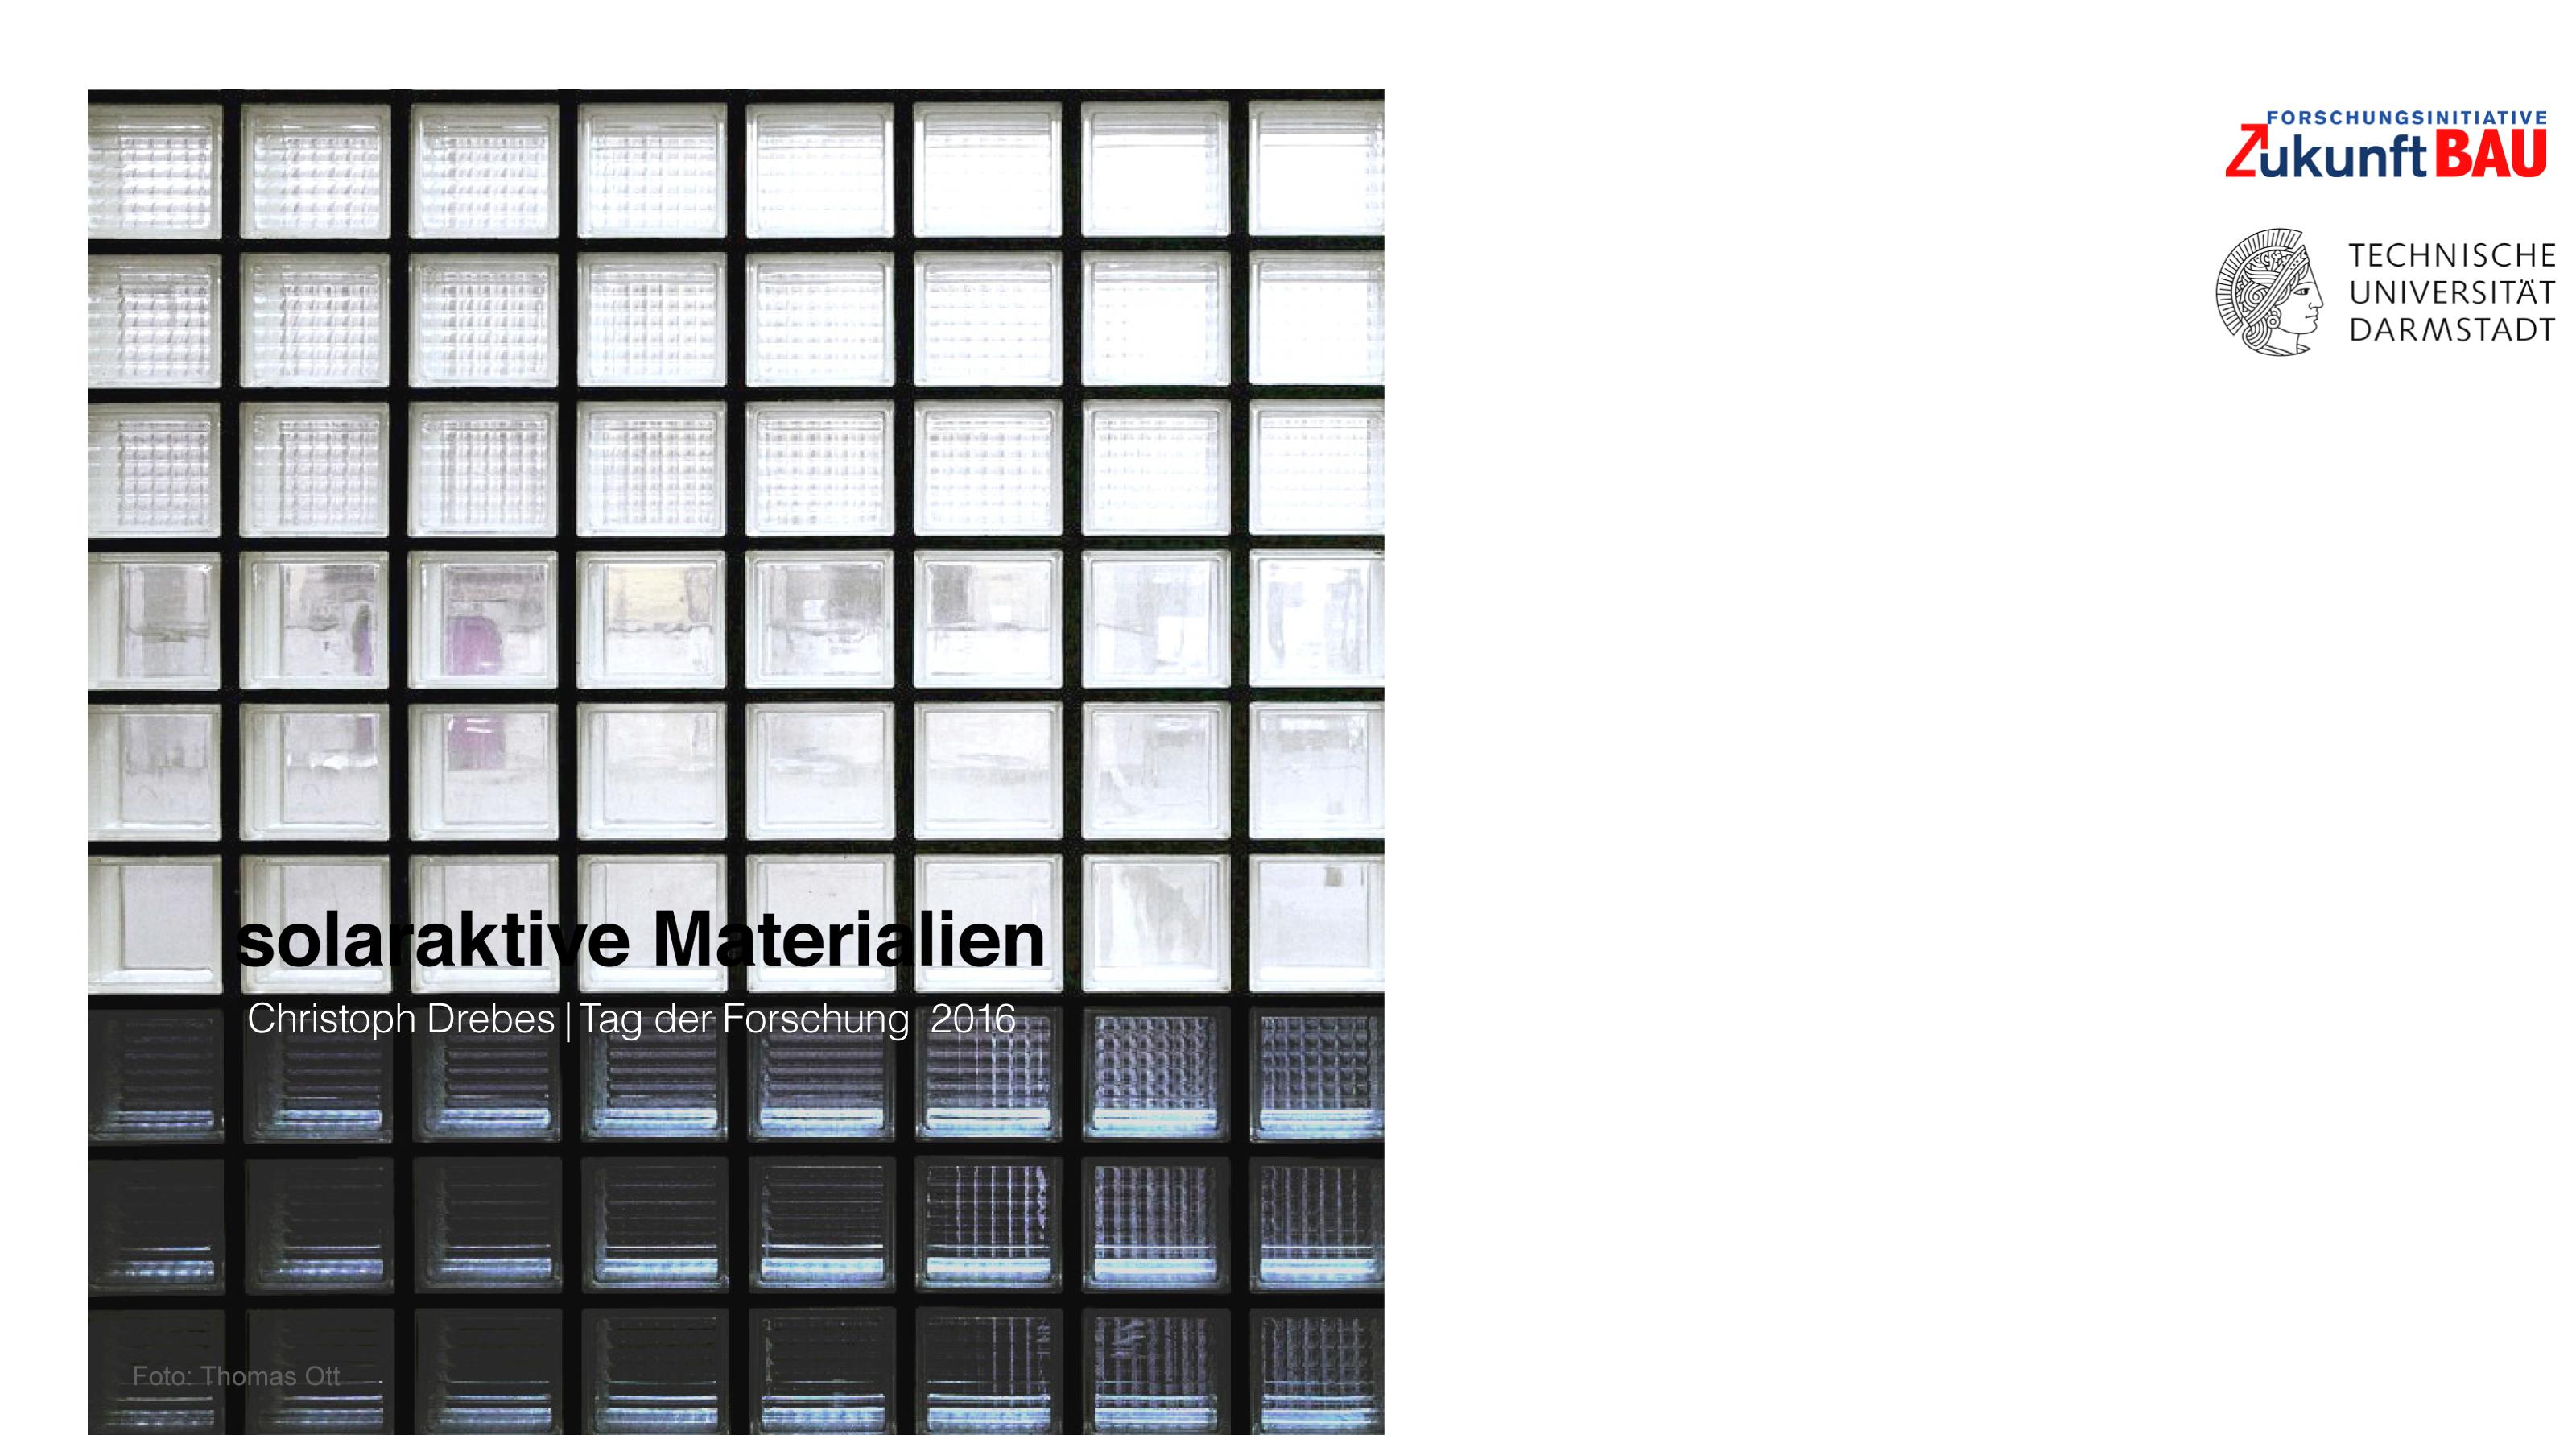 solaraktive Materialien